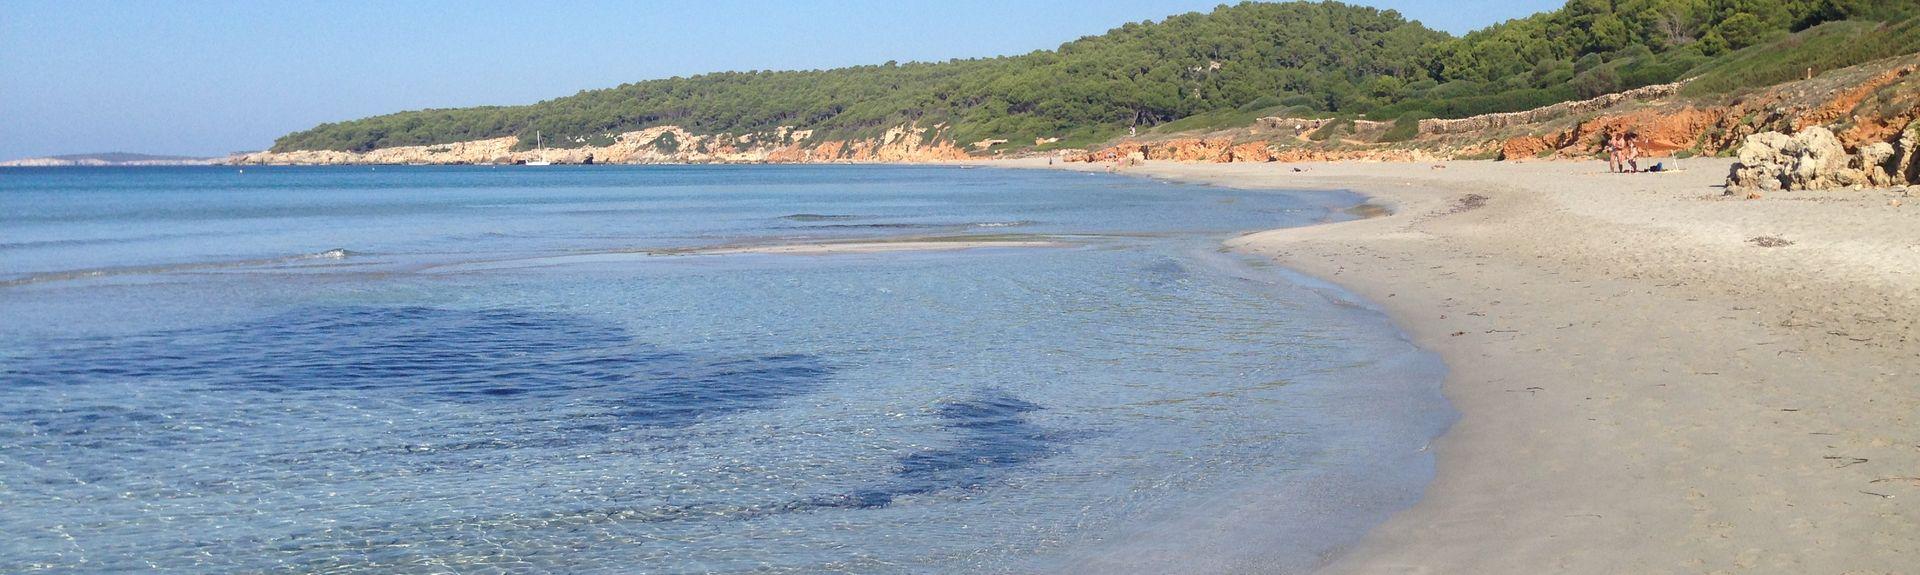 Macarelleta Beach, Ciutadella de Menorca, Balearic Islands, Spain